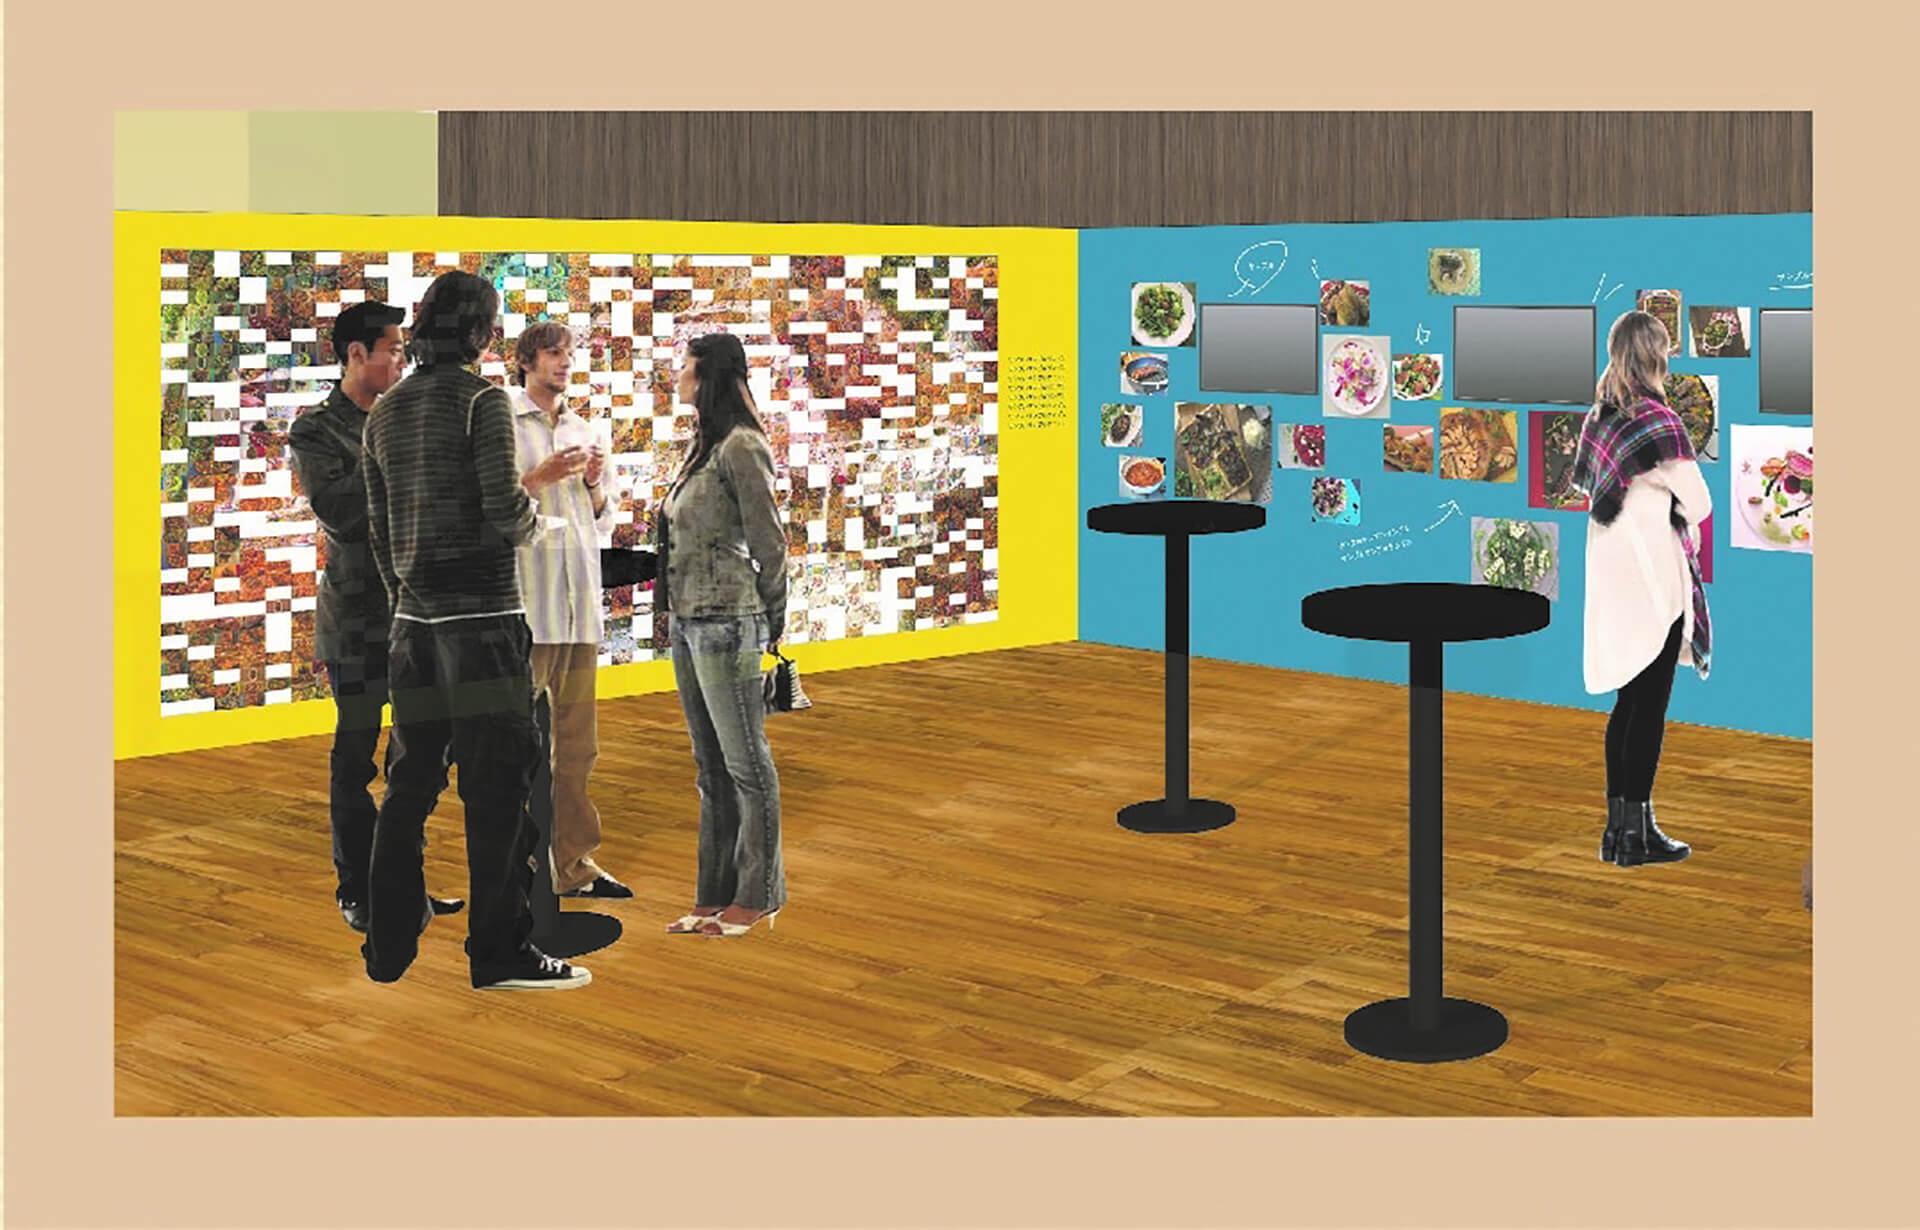 速水もこみち Food Trip 料理の世界展・MOSAIC ART & MOVIE